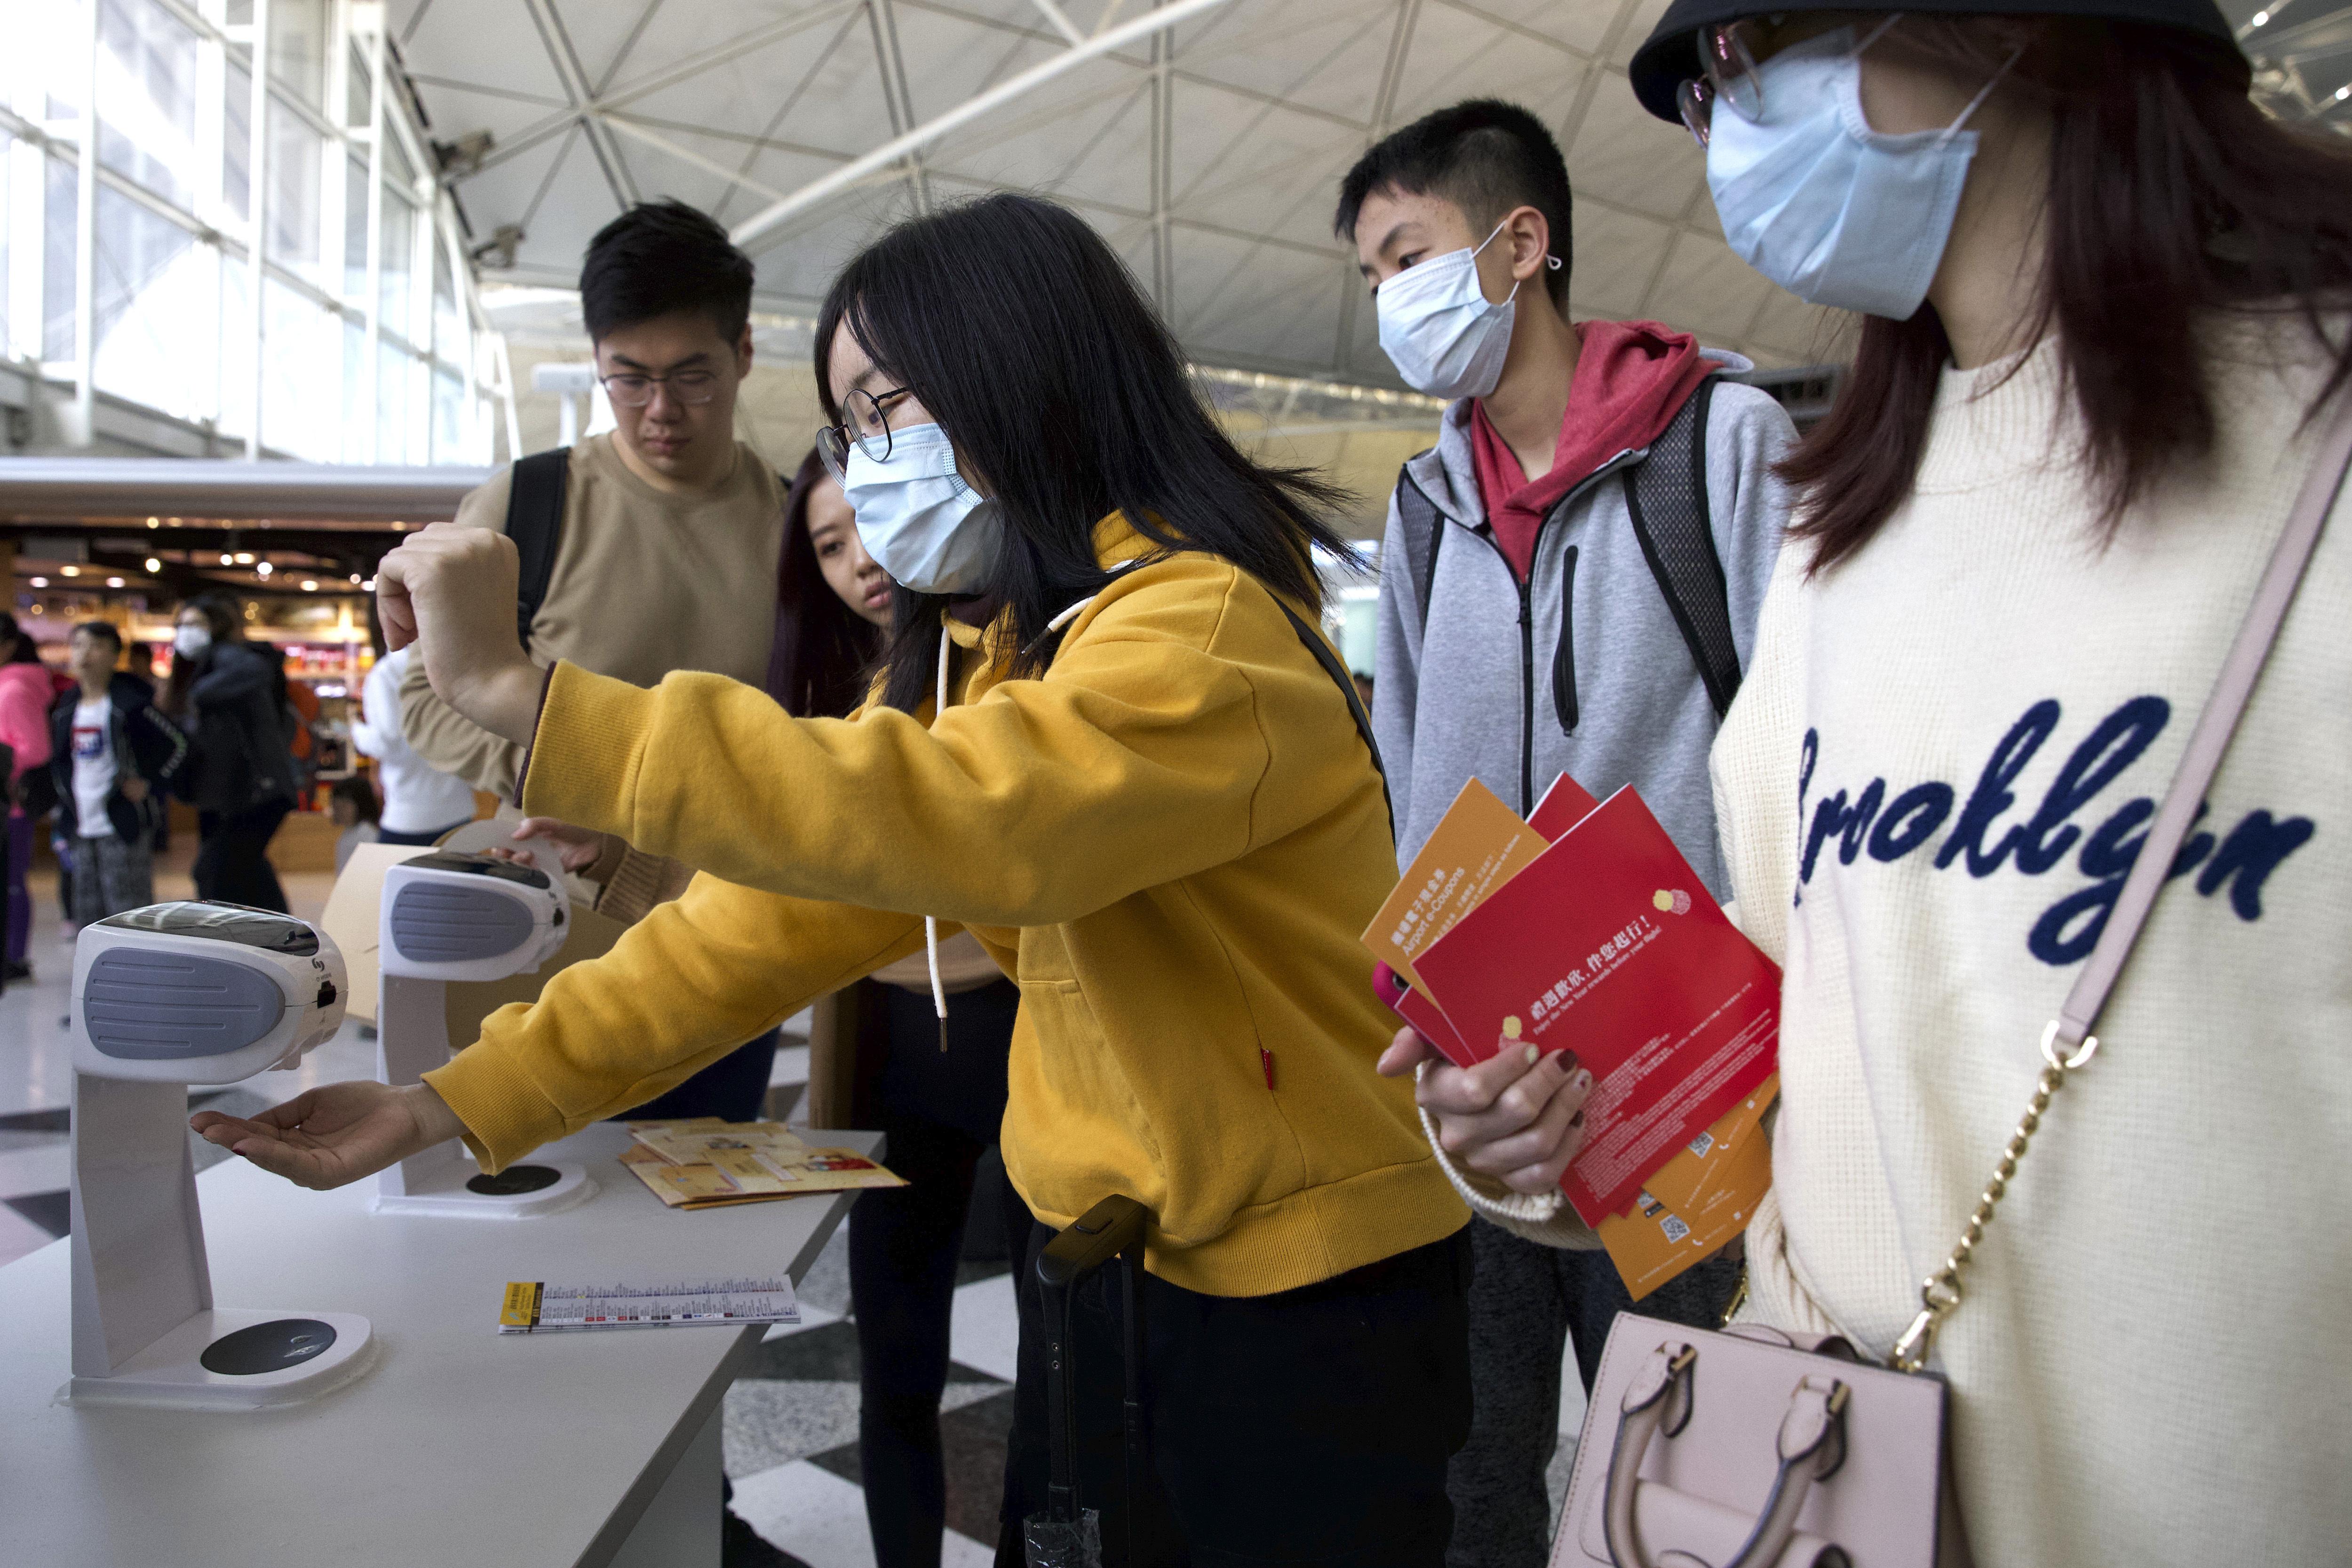 Viajeros con máscaras faciales se reúnen en el aeropuerto internacional de Hong Kong en Hong Kong, el martes 21 de enero de 2020. (Foto AP / Ng Han Guan)